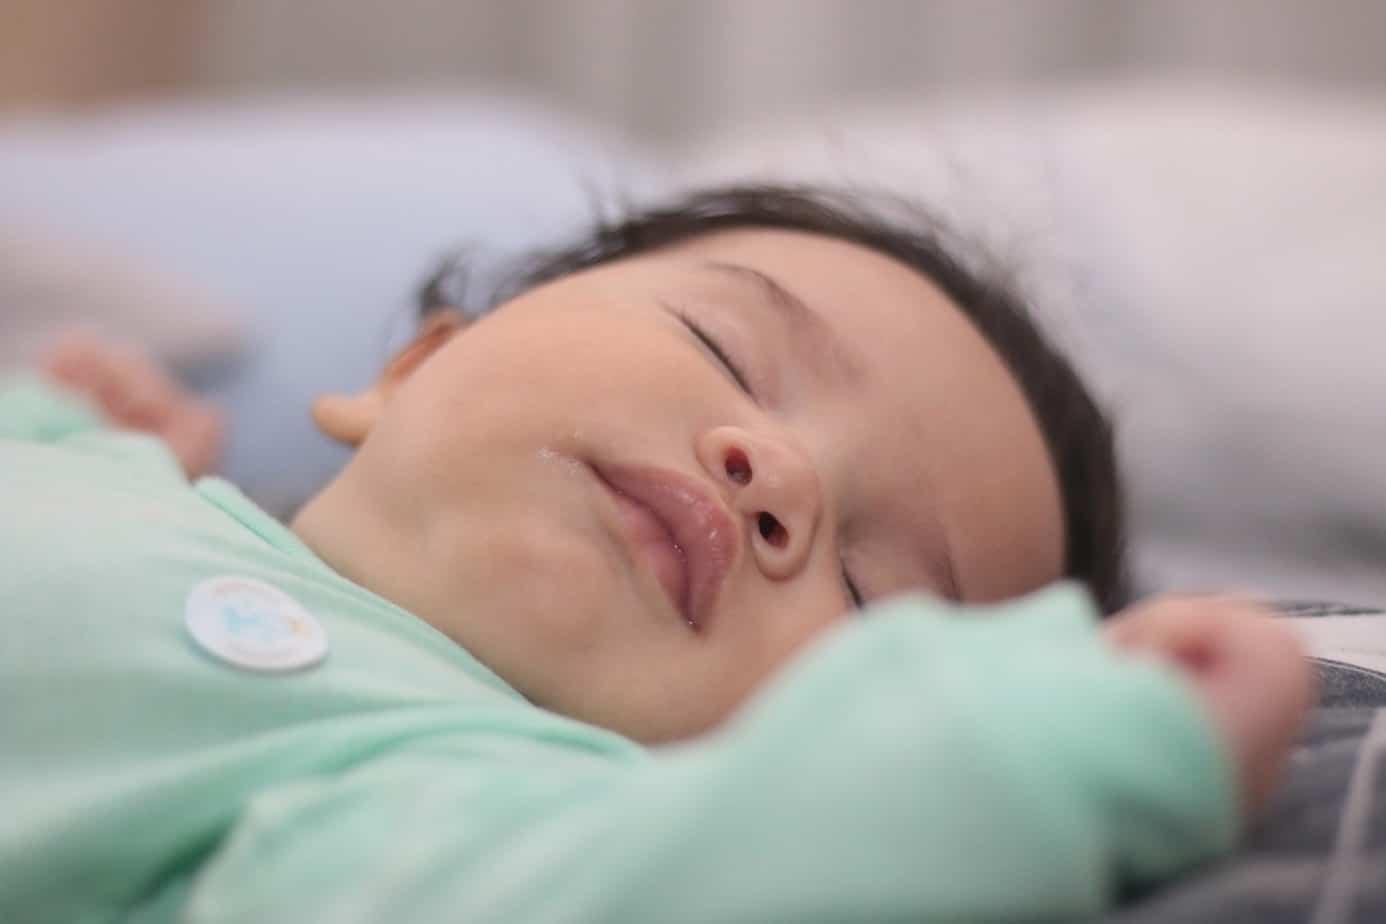 Votre bébé de 4 mois se retourne dans son sommeil : que faire ? remede insomnie